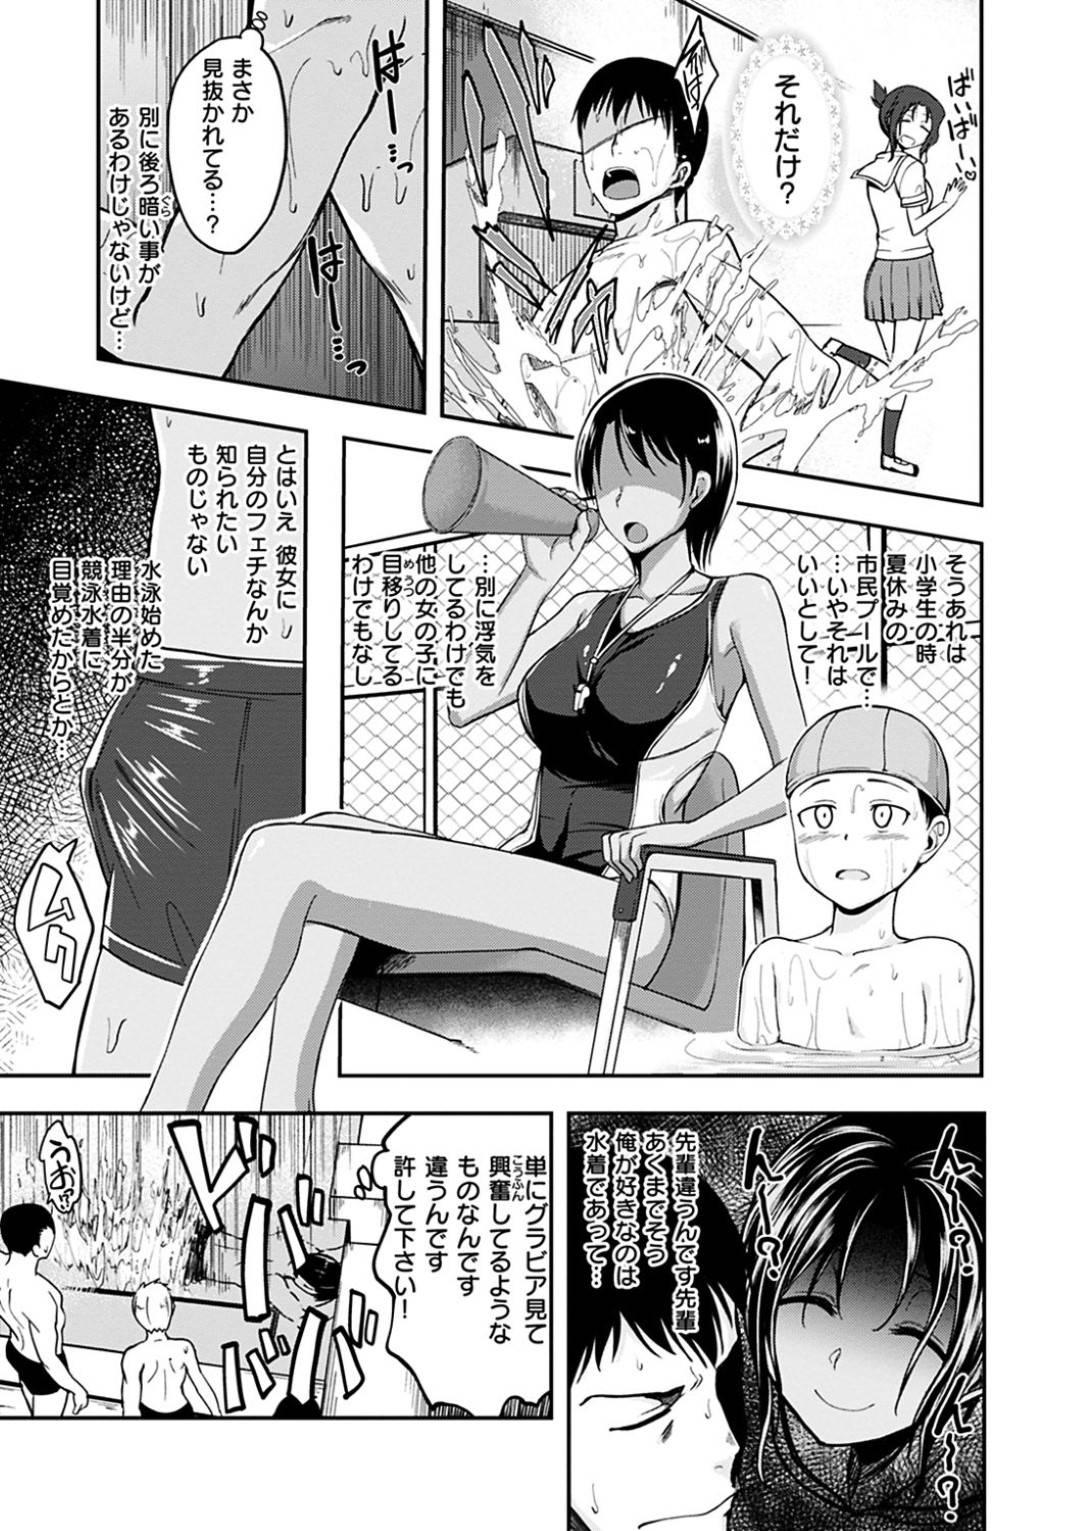 【エロ漫画】水泳部の彼氏が水着が好きと知って競泳水着で誘惑する彼女は、人気のいないプールで彼氏を逆レイプからのイチャラブ生ハメセックス!